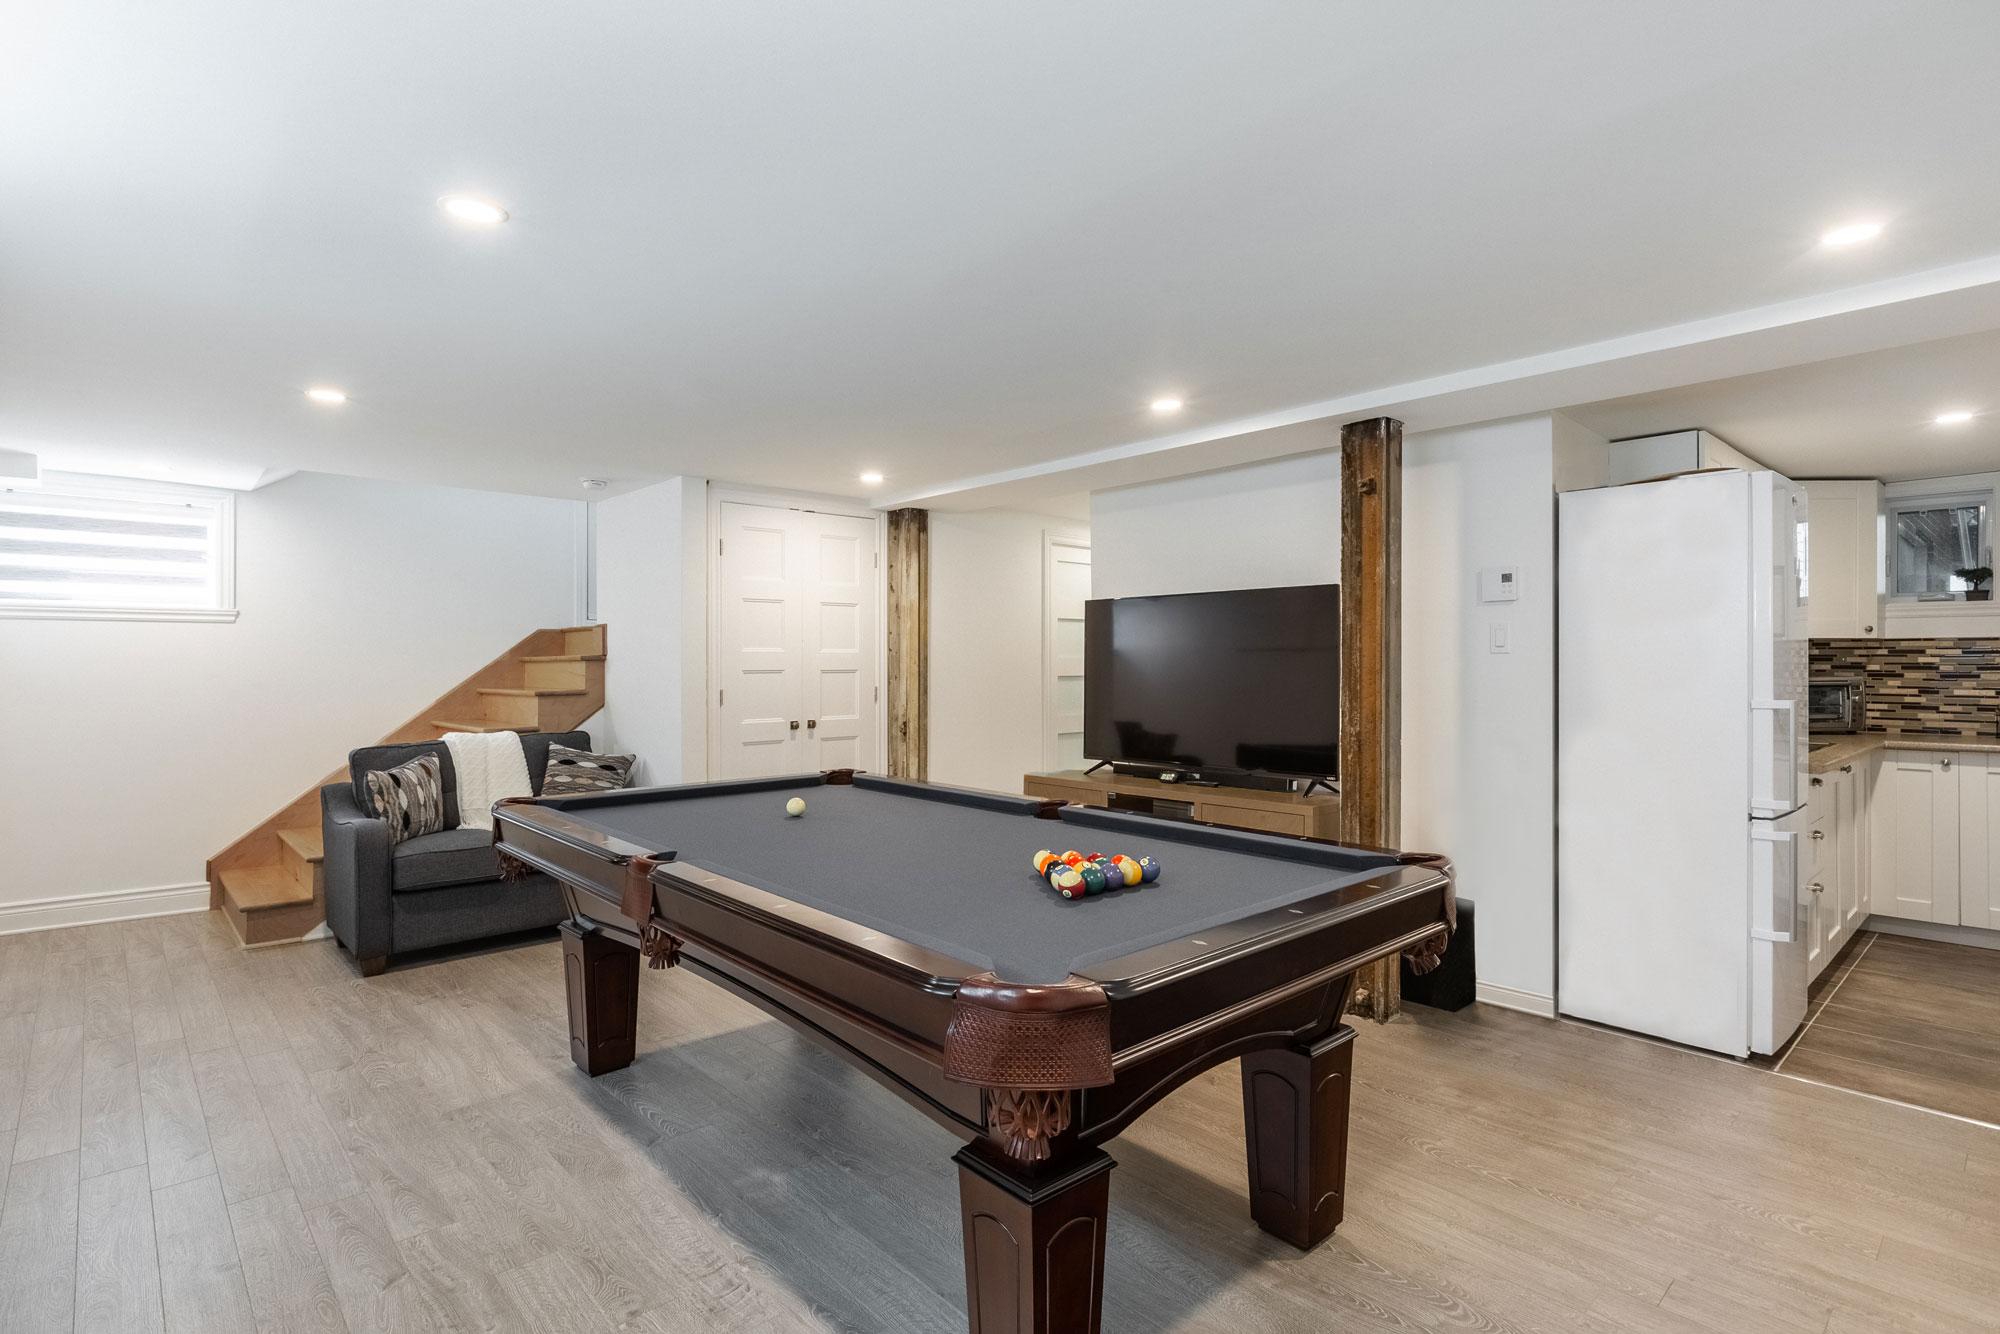 aménagement de sous-sol avec table de billard et téléviseur